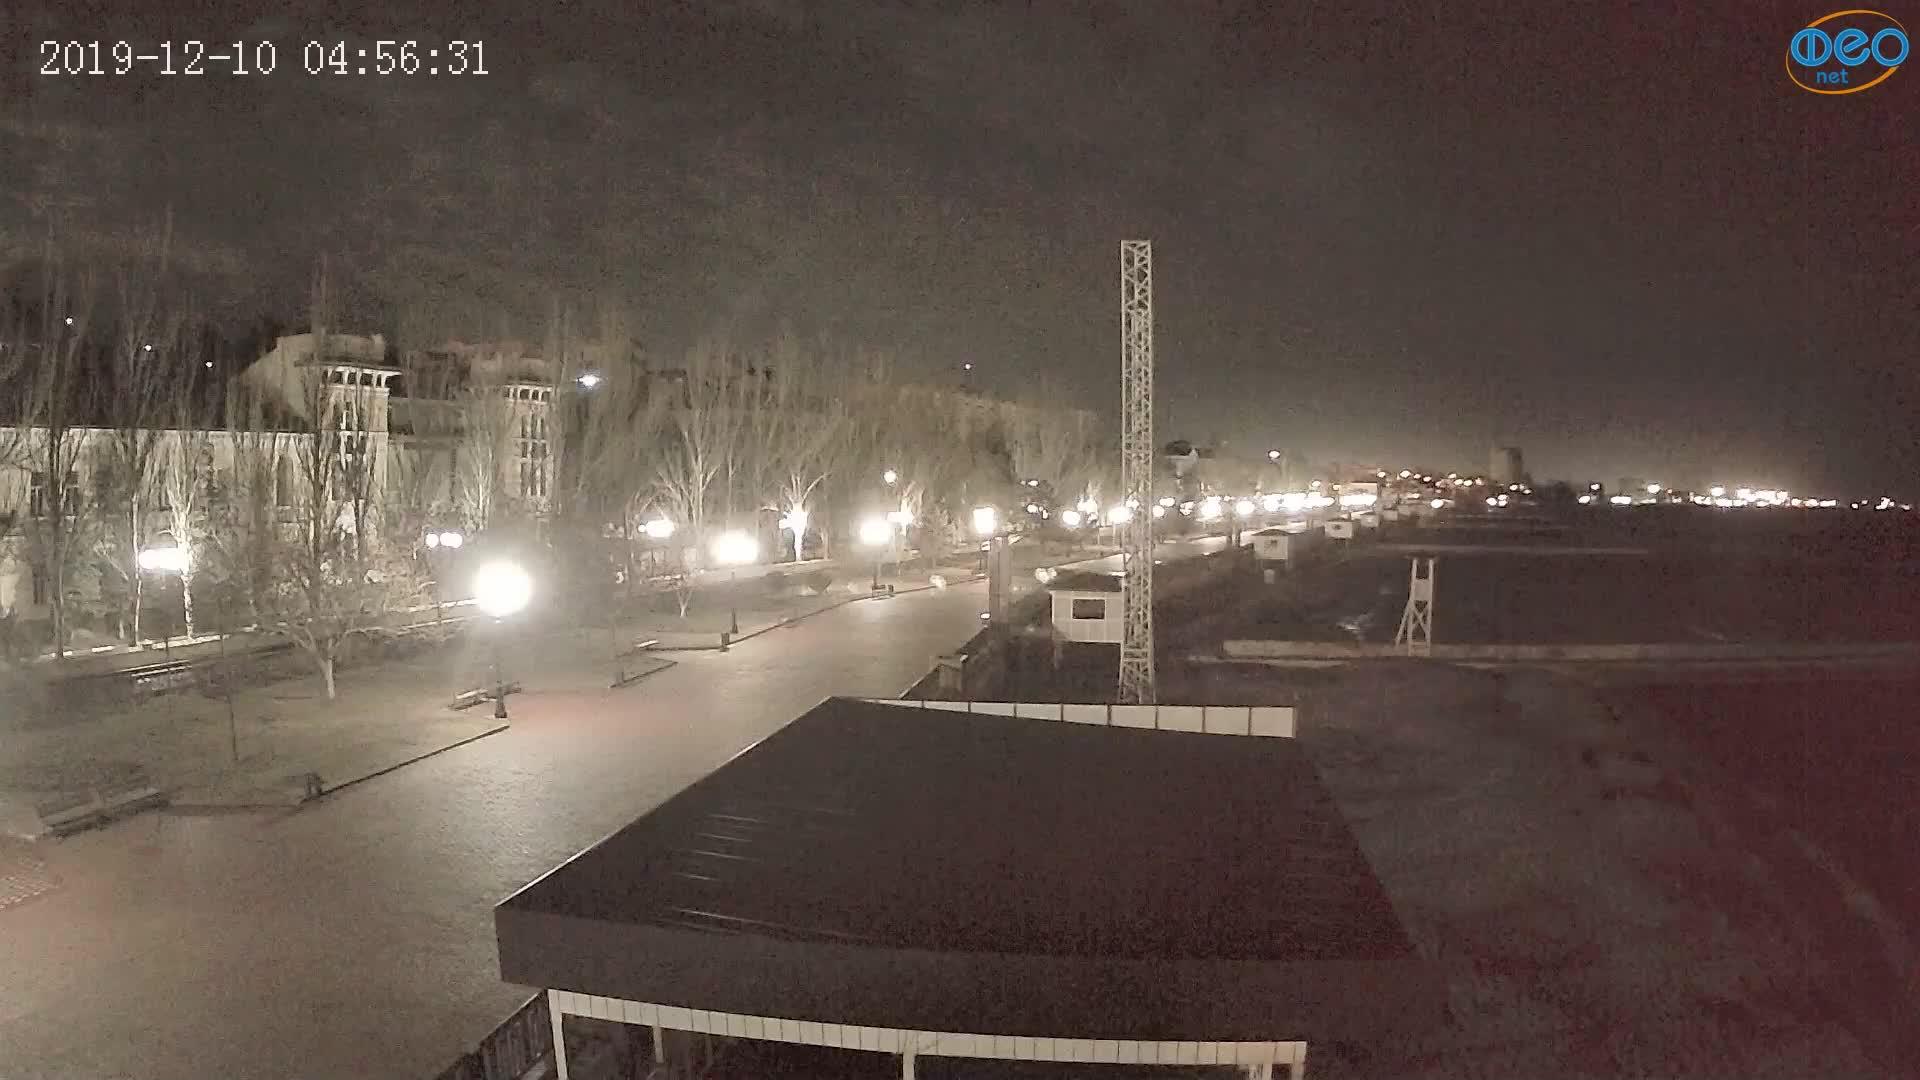 Веб-камеры Феодосии, Пляж Камешки, 2019-12-10 04:56:55